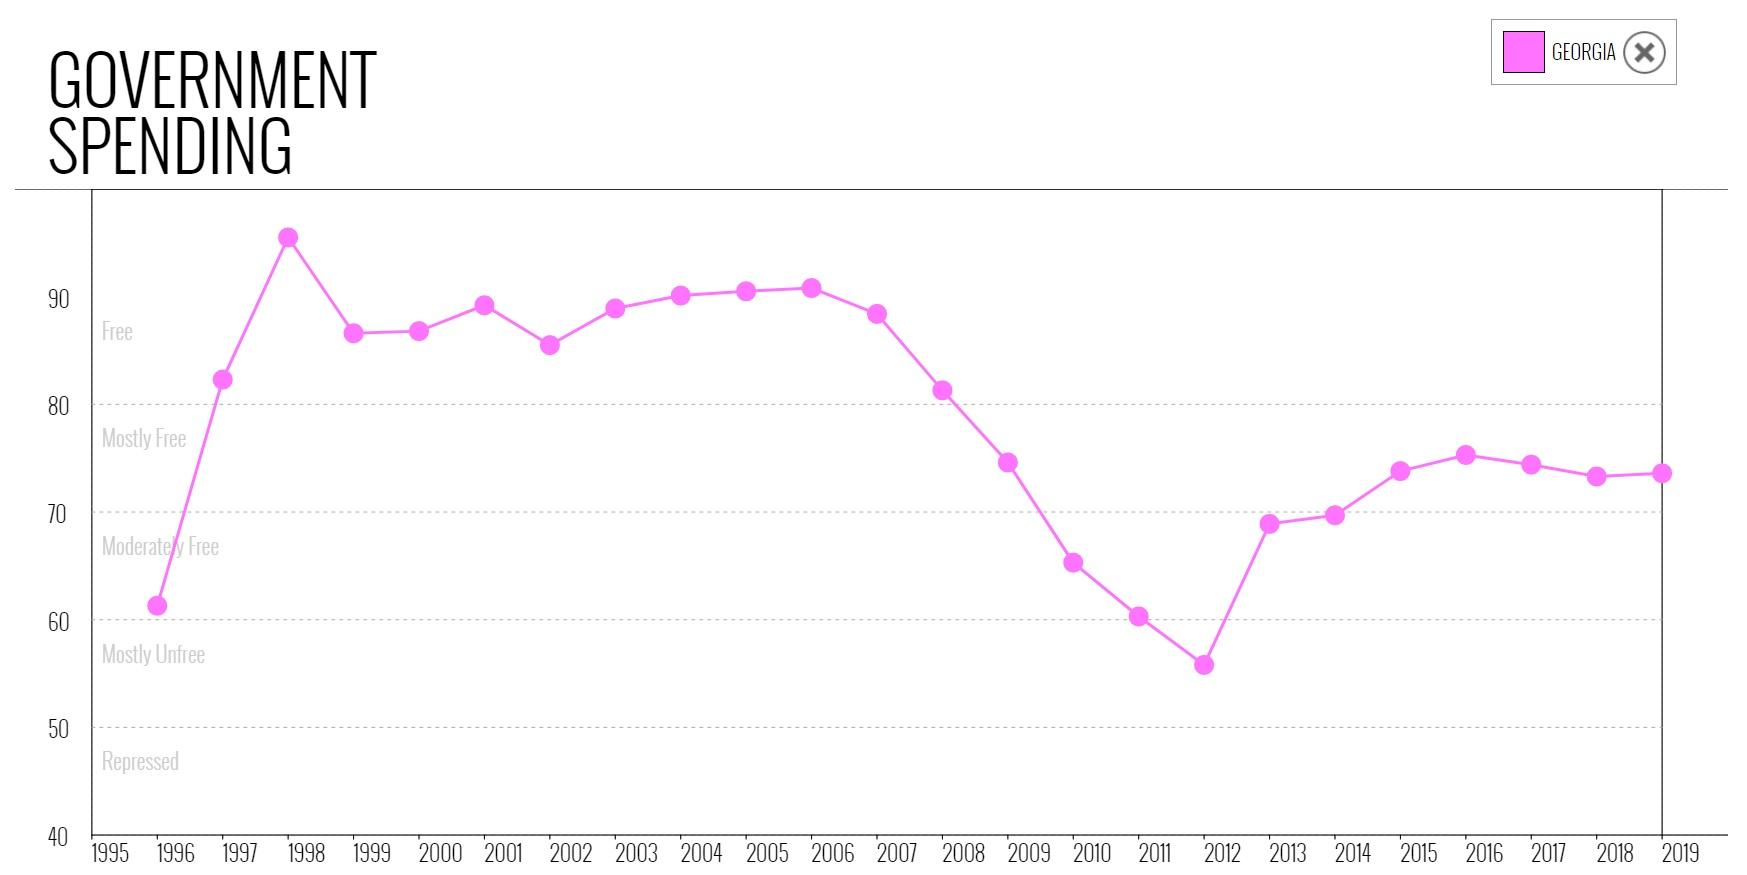 نمودار شاخص مخارج دولتی گرجستان در میان سالهای 1995 تا 2019